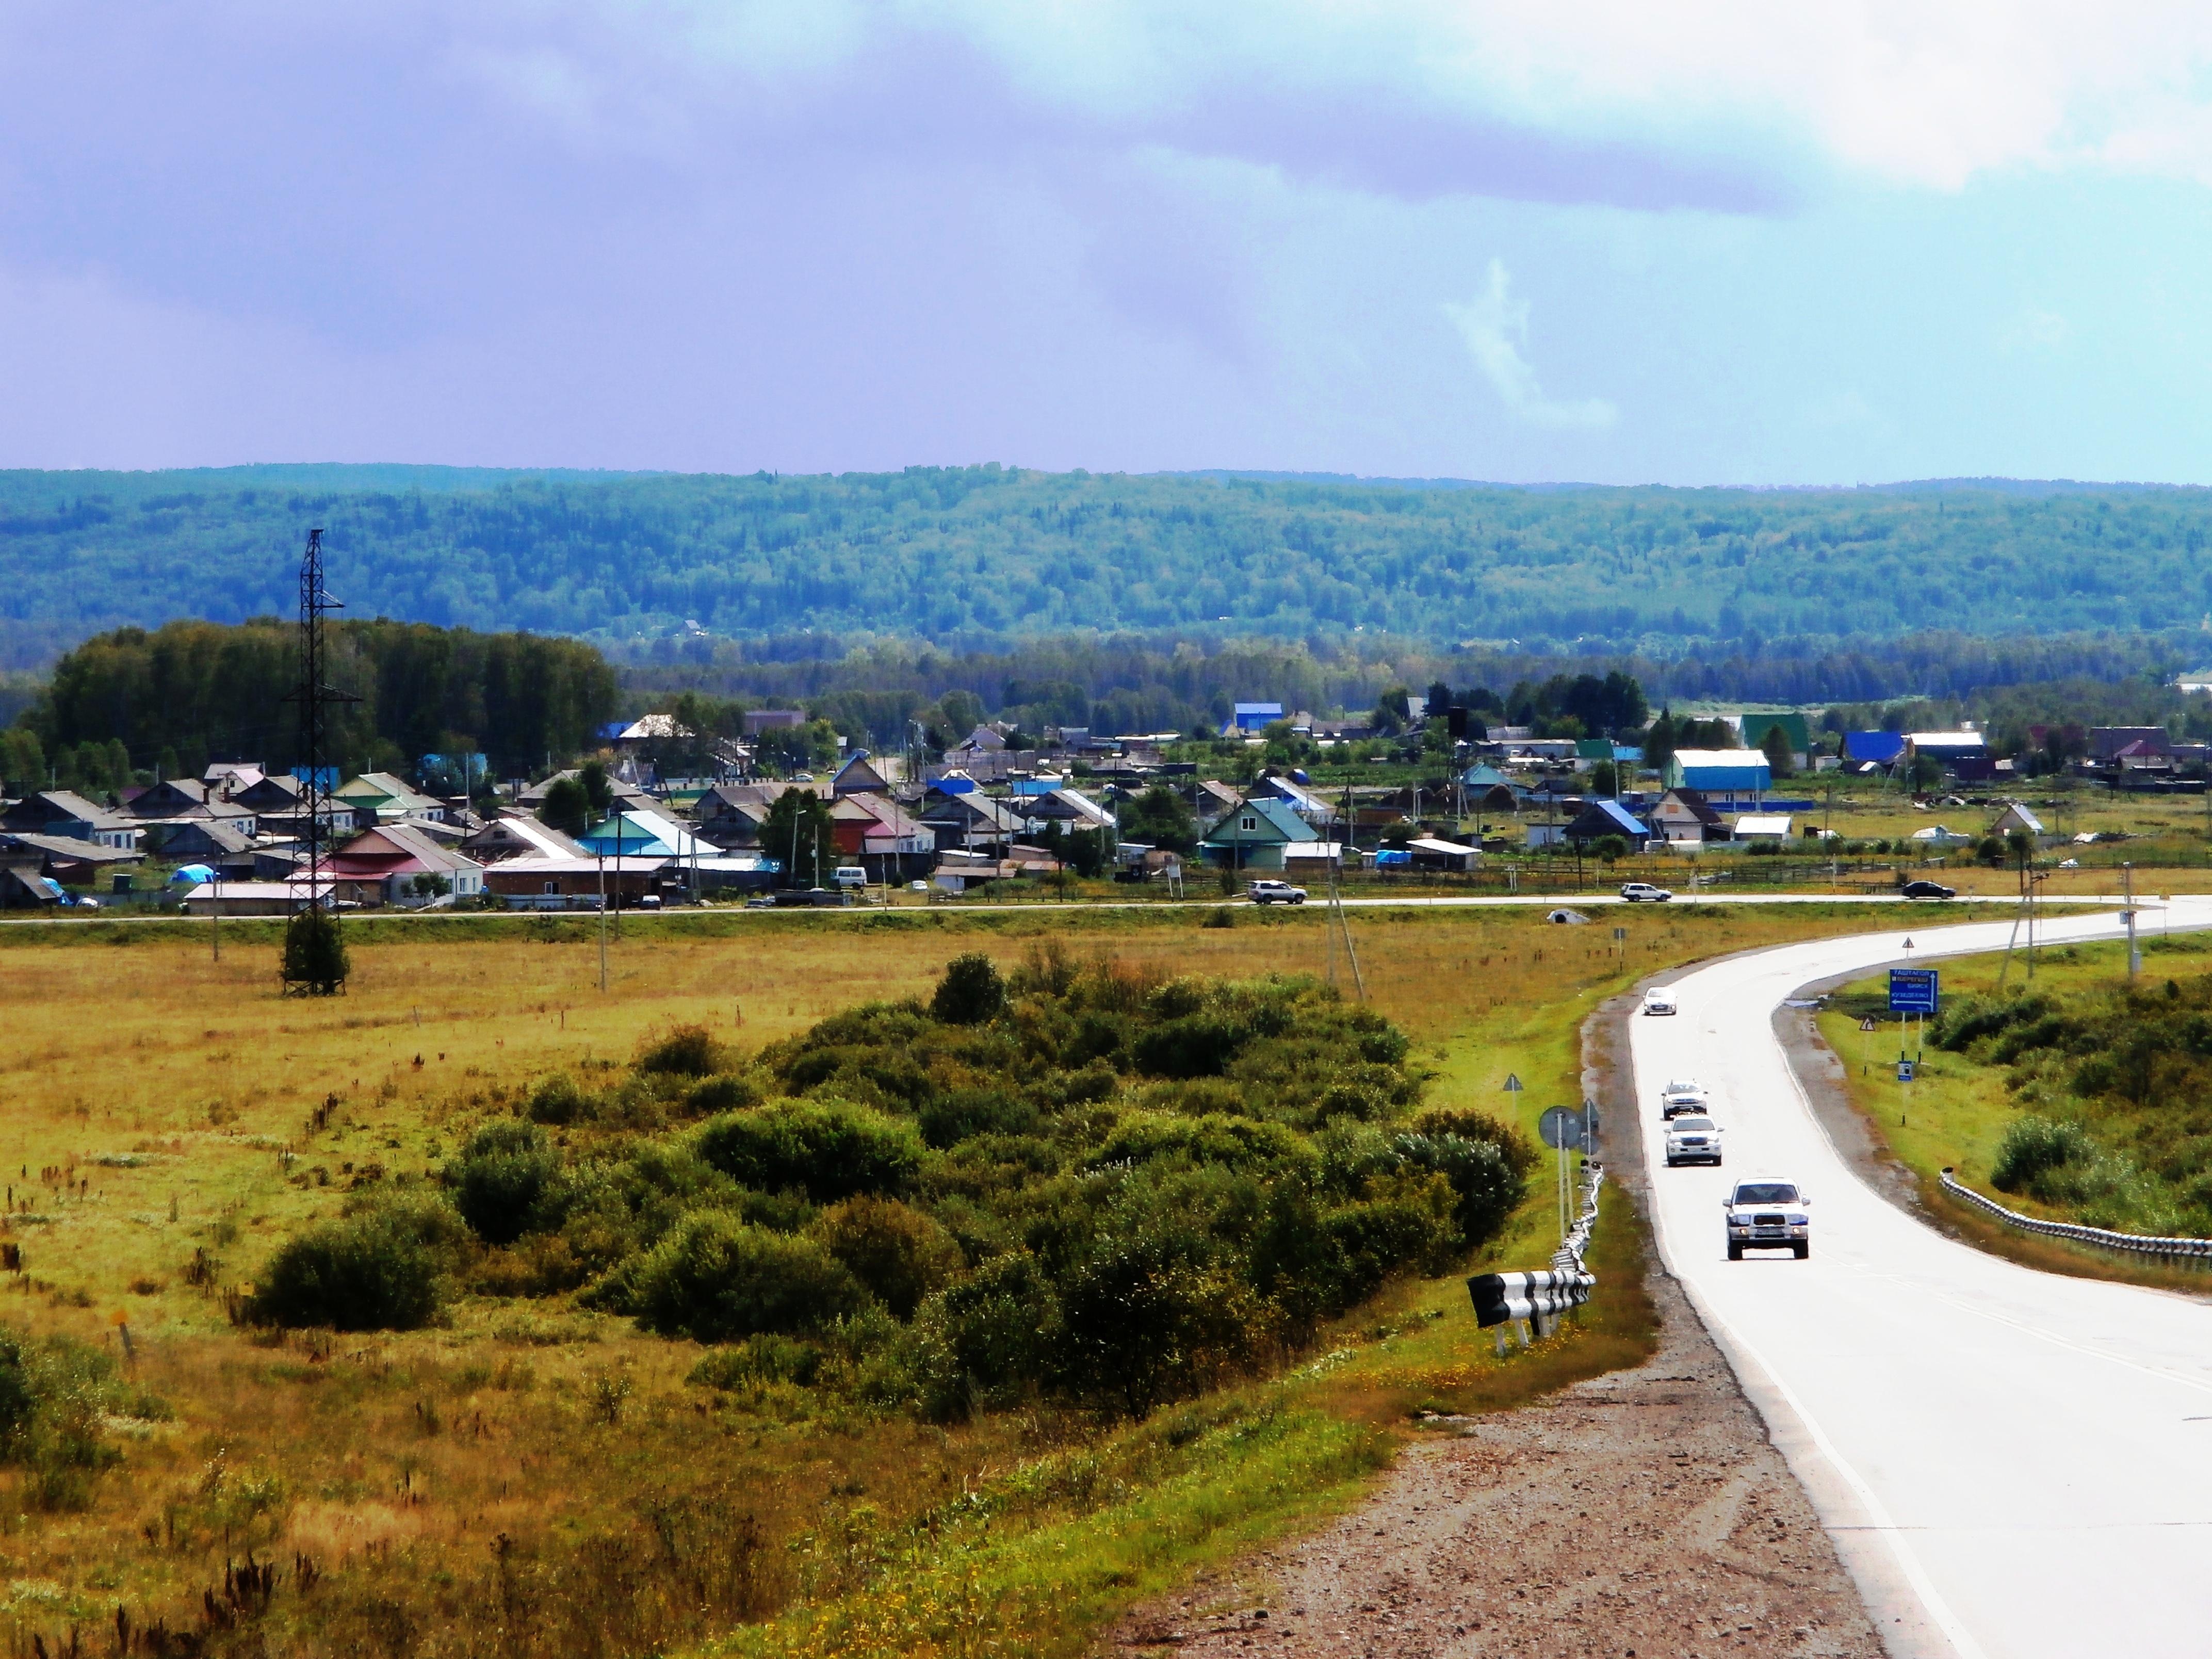 Купить земельный участок в СНТ недорого без посредников